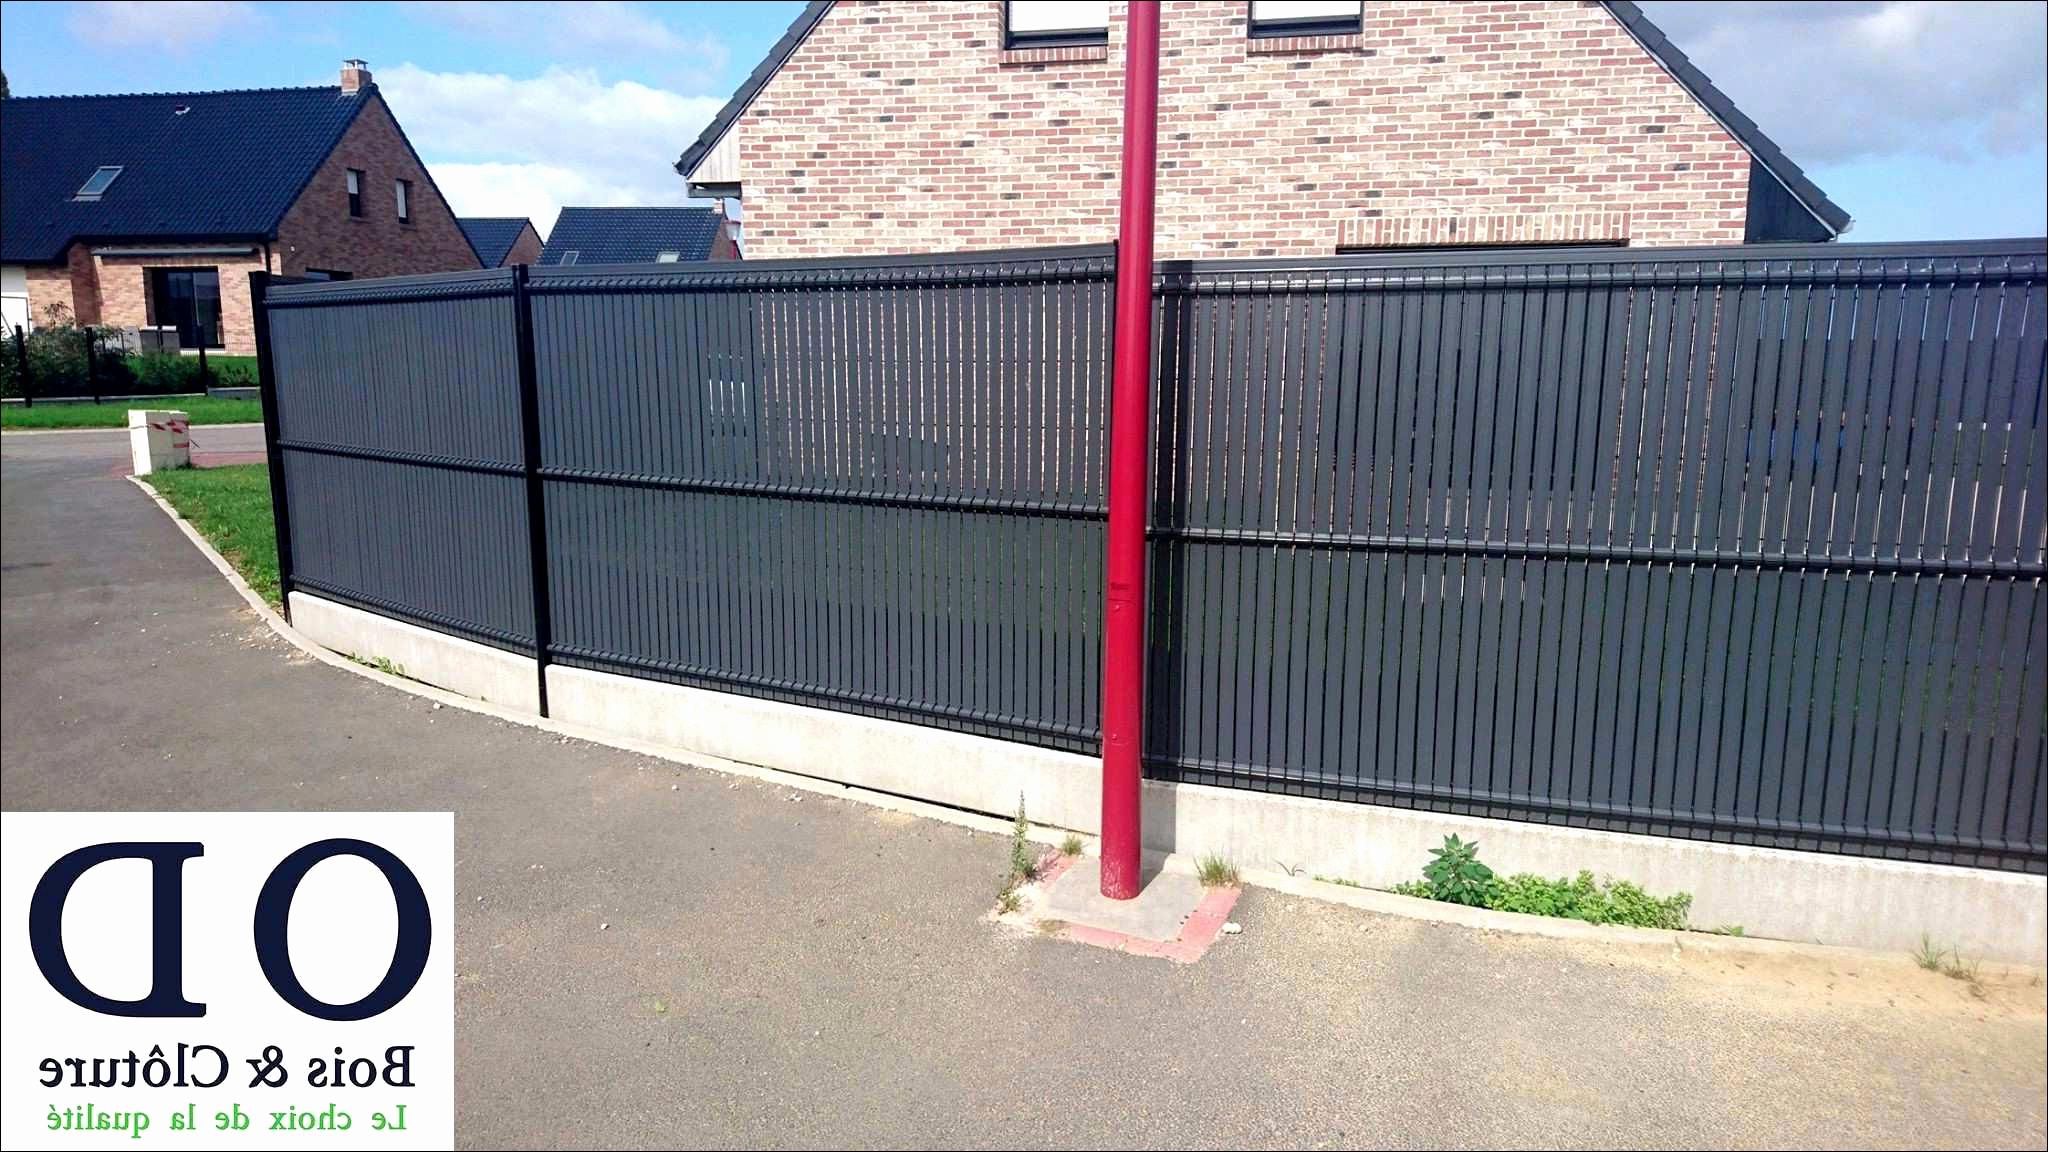 Rouleau Jardin Brico Depot Frais 67 Génial De Sangle A ... serapportantà Brico Depot Jardin Cloture